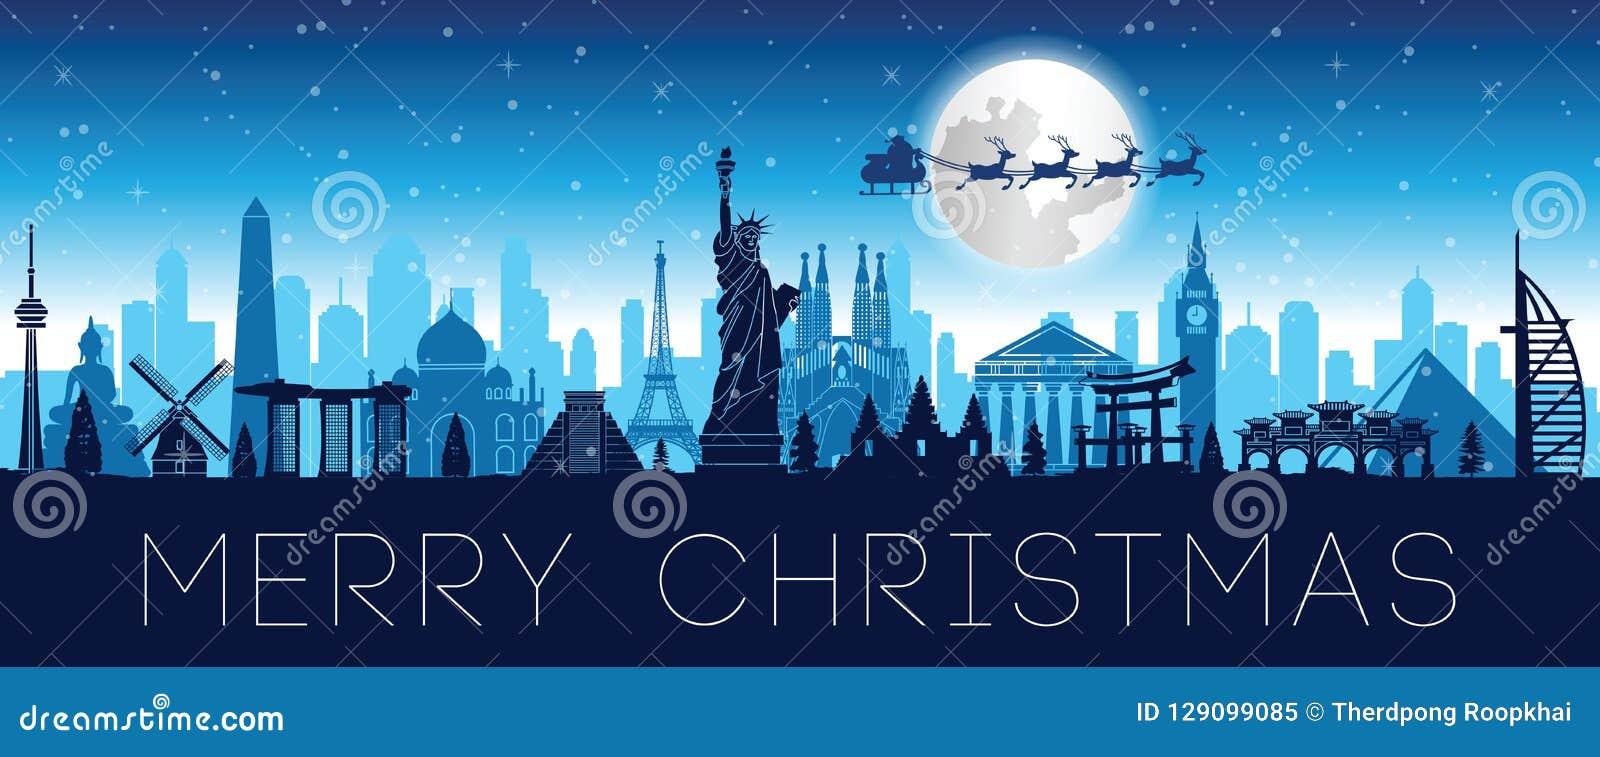 A Rena Mais Famosa Do Papai Noel mosca de papai noel sobre o marco mundialmente famoso para